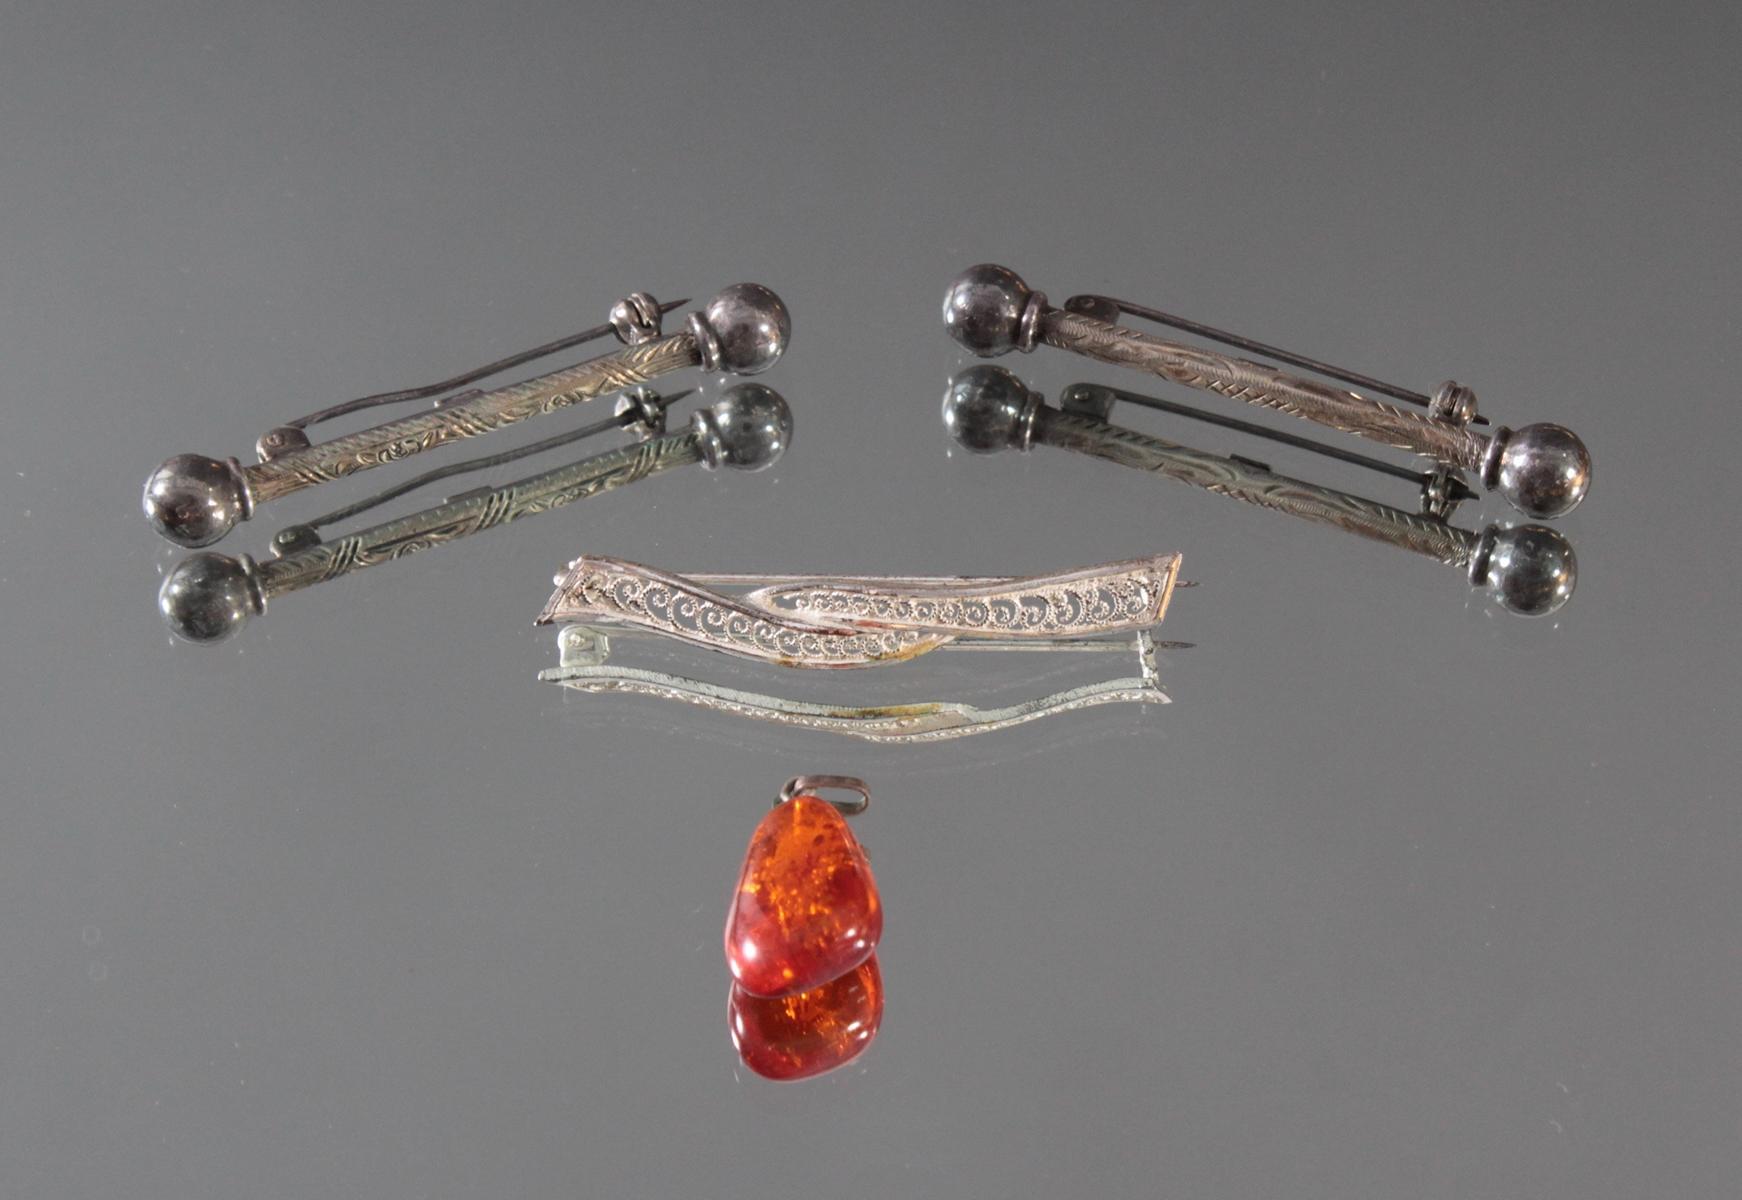 3 Silberbroschen und Bernsteinanhänger